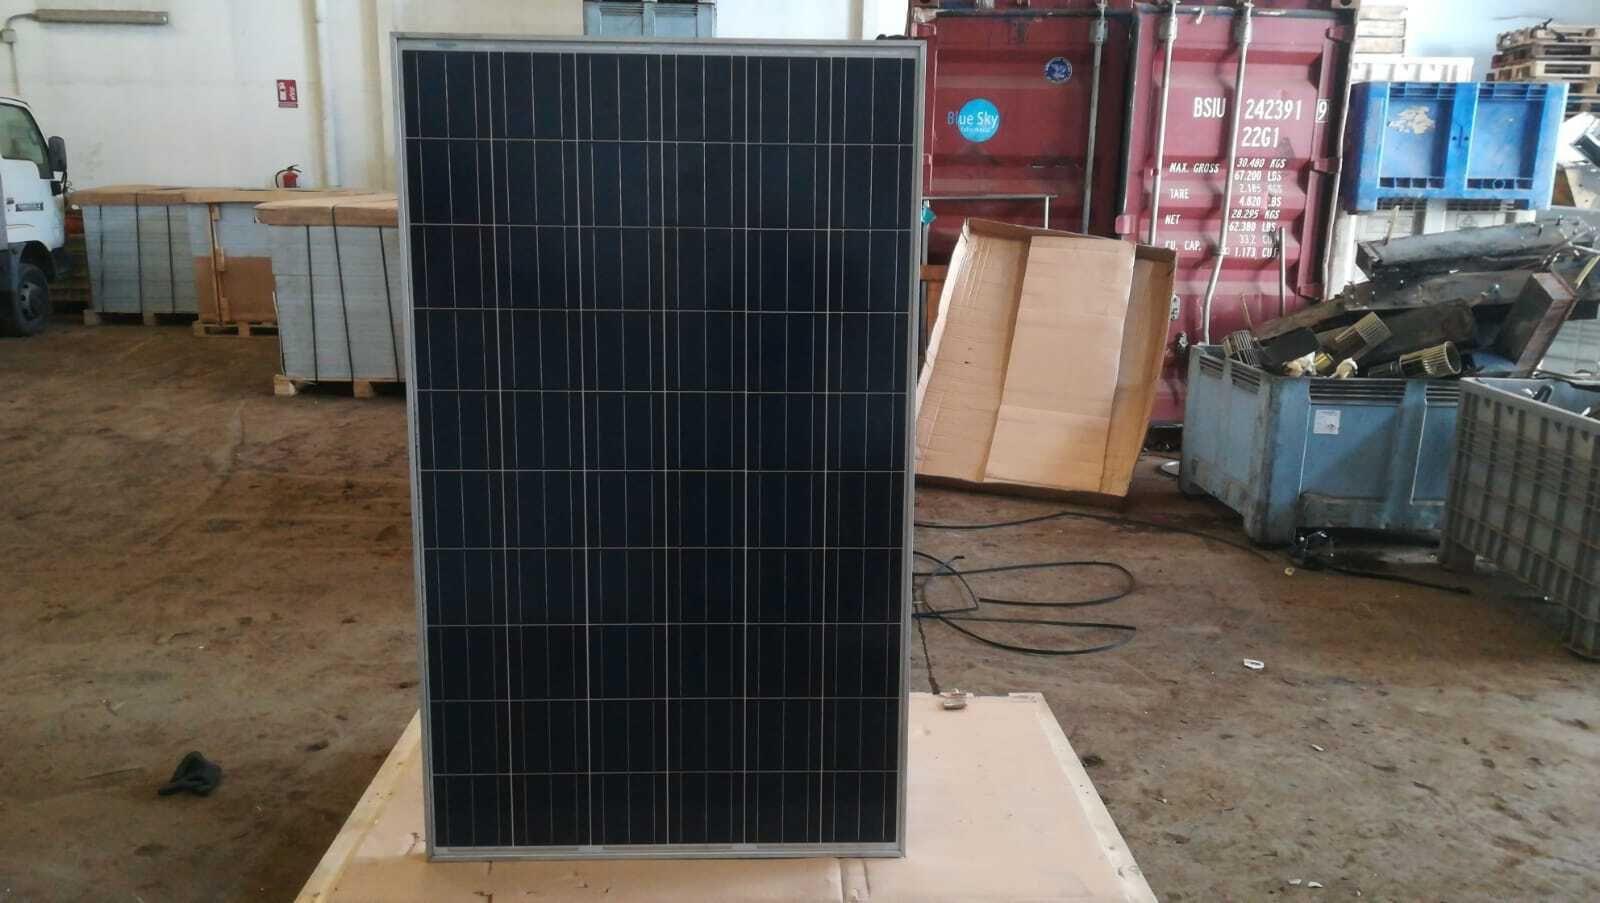 Los mit 3 Fotovoltaikmodulen der Marke Axitec. L5